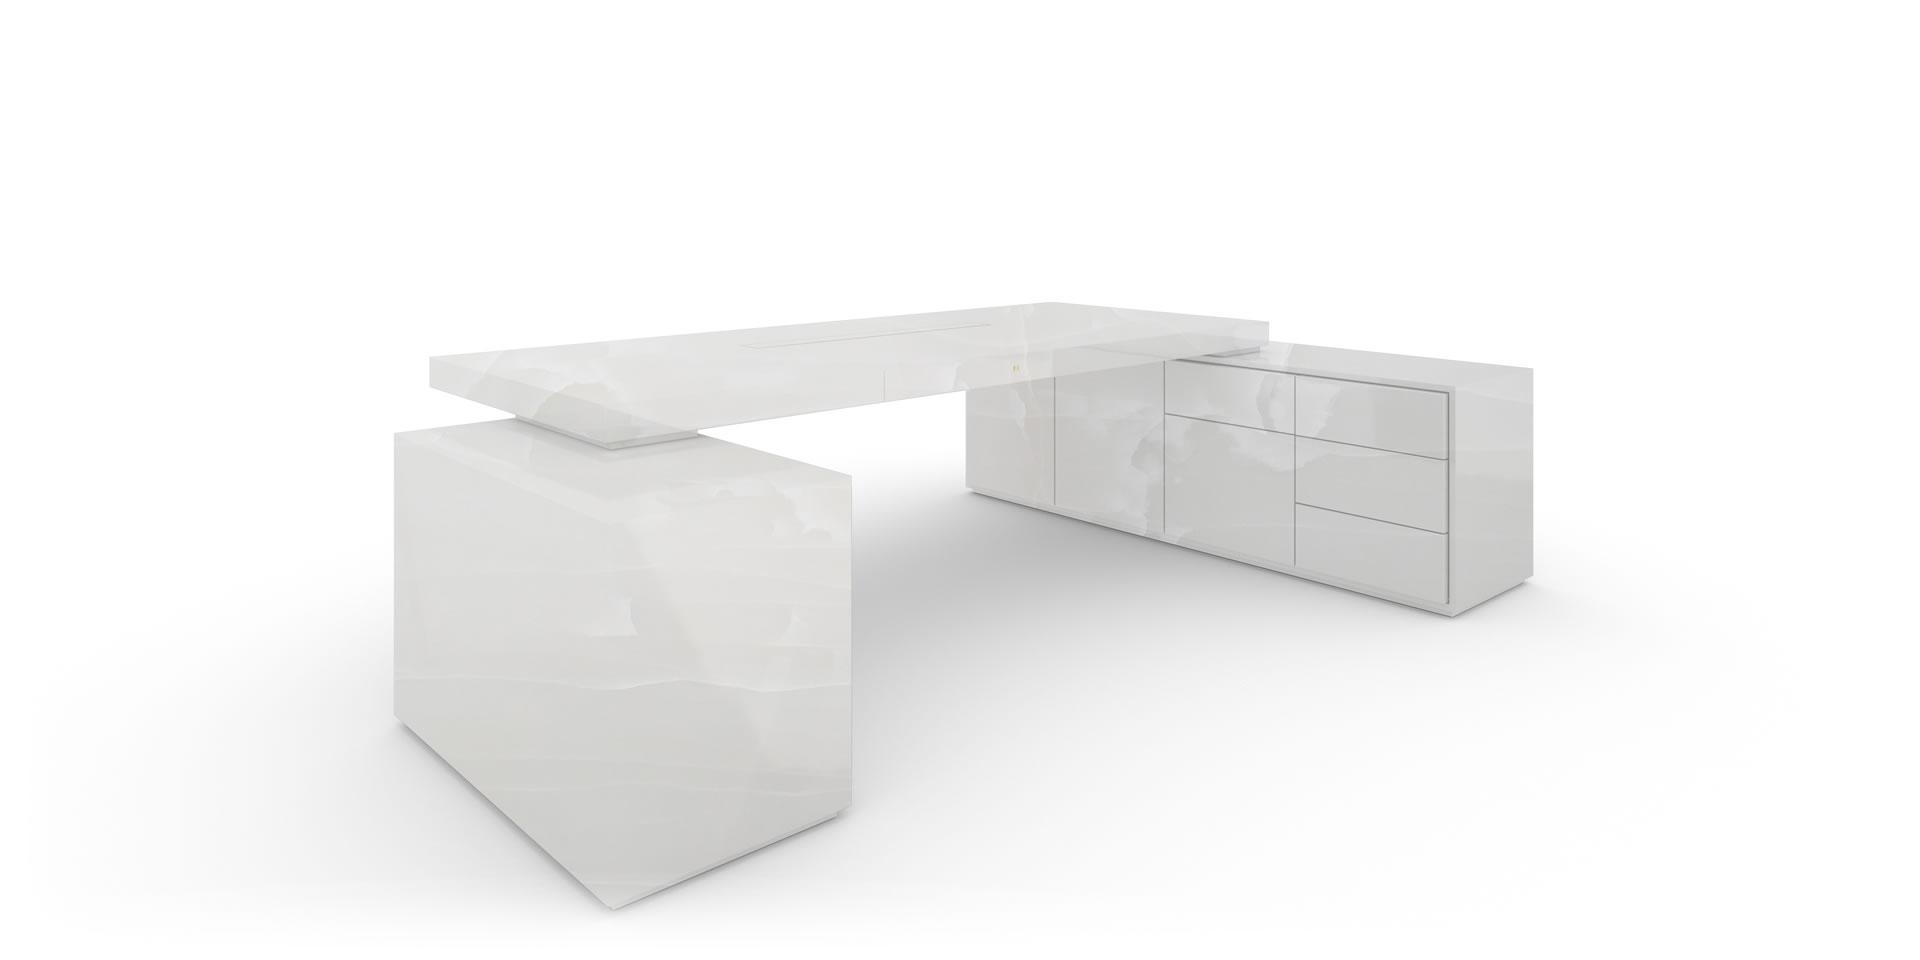 Wunderbar Kinderschreibtisch Design Das Beste Von Eck-schreibtisch Mit 2-sideboards, Marmor, Weiß - Felix